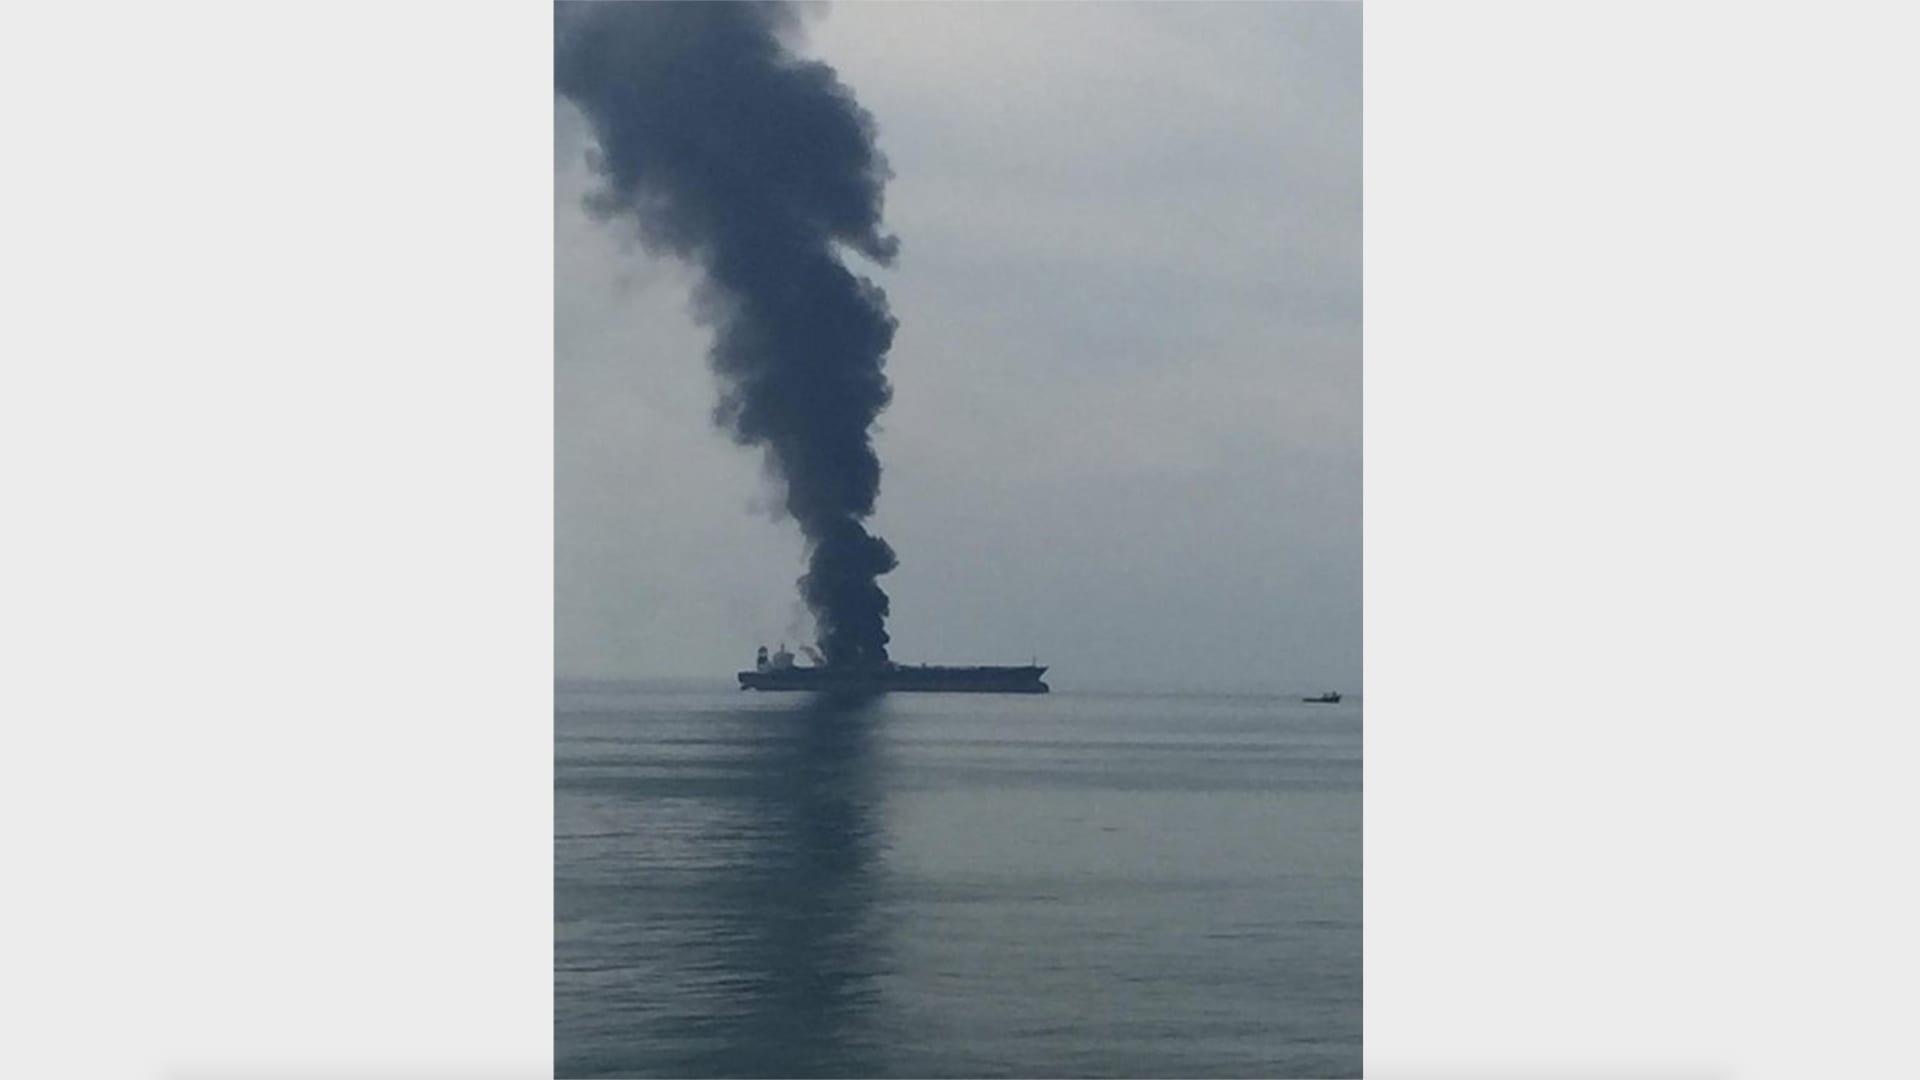 الإمارات تعلن عن إنقاذ طاقم باخرة نفط بنمية قبالة الشارقة وتكشف سبب الحريق